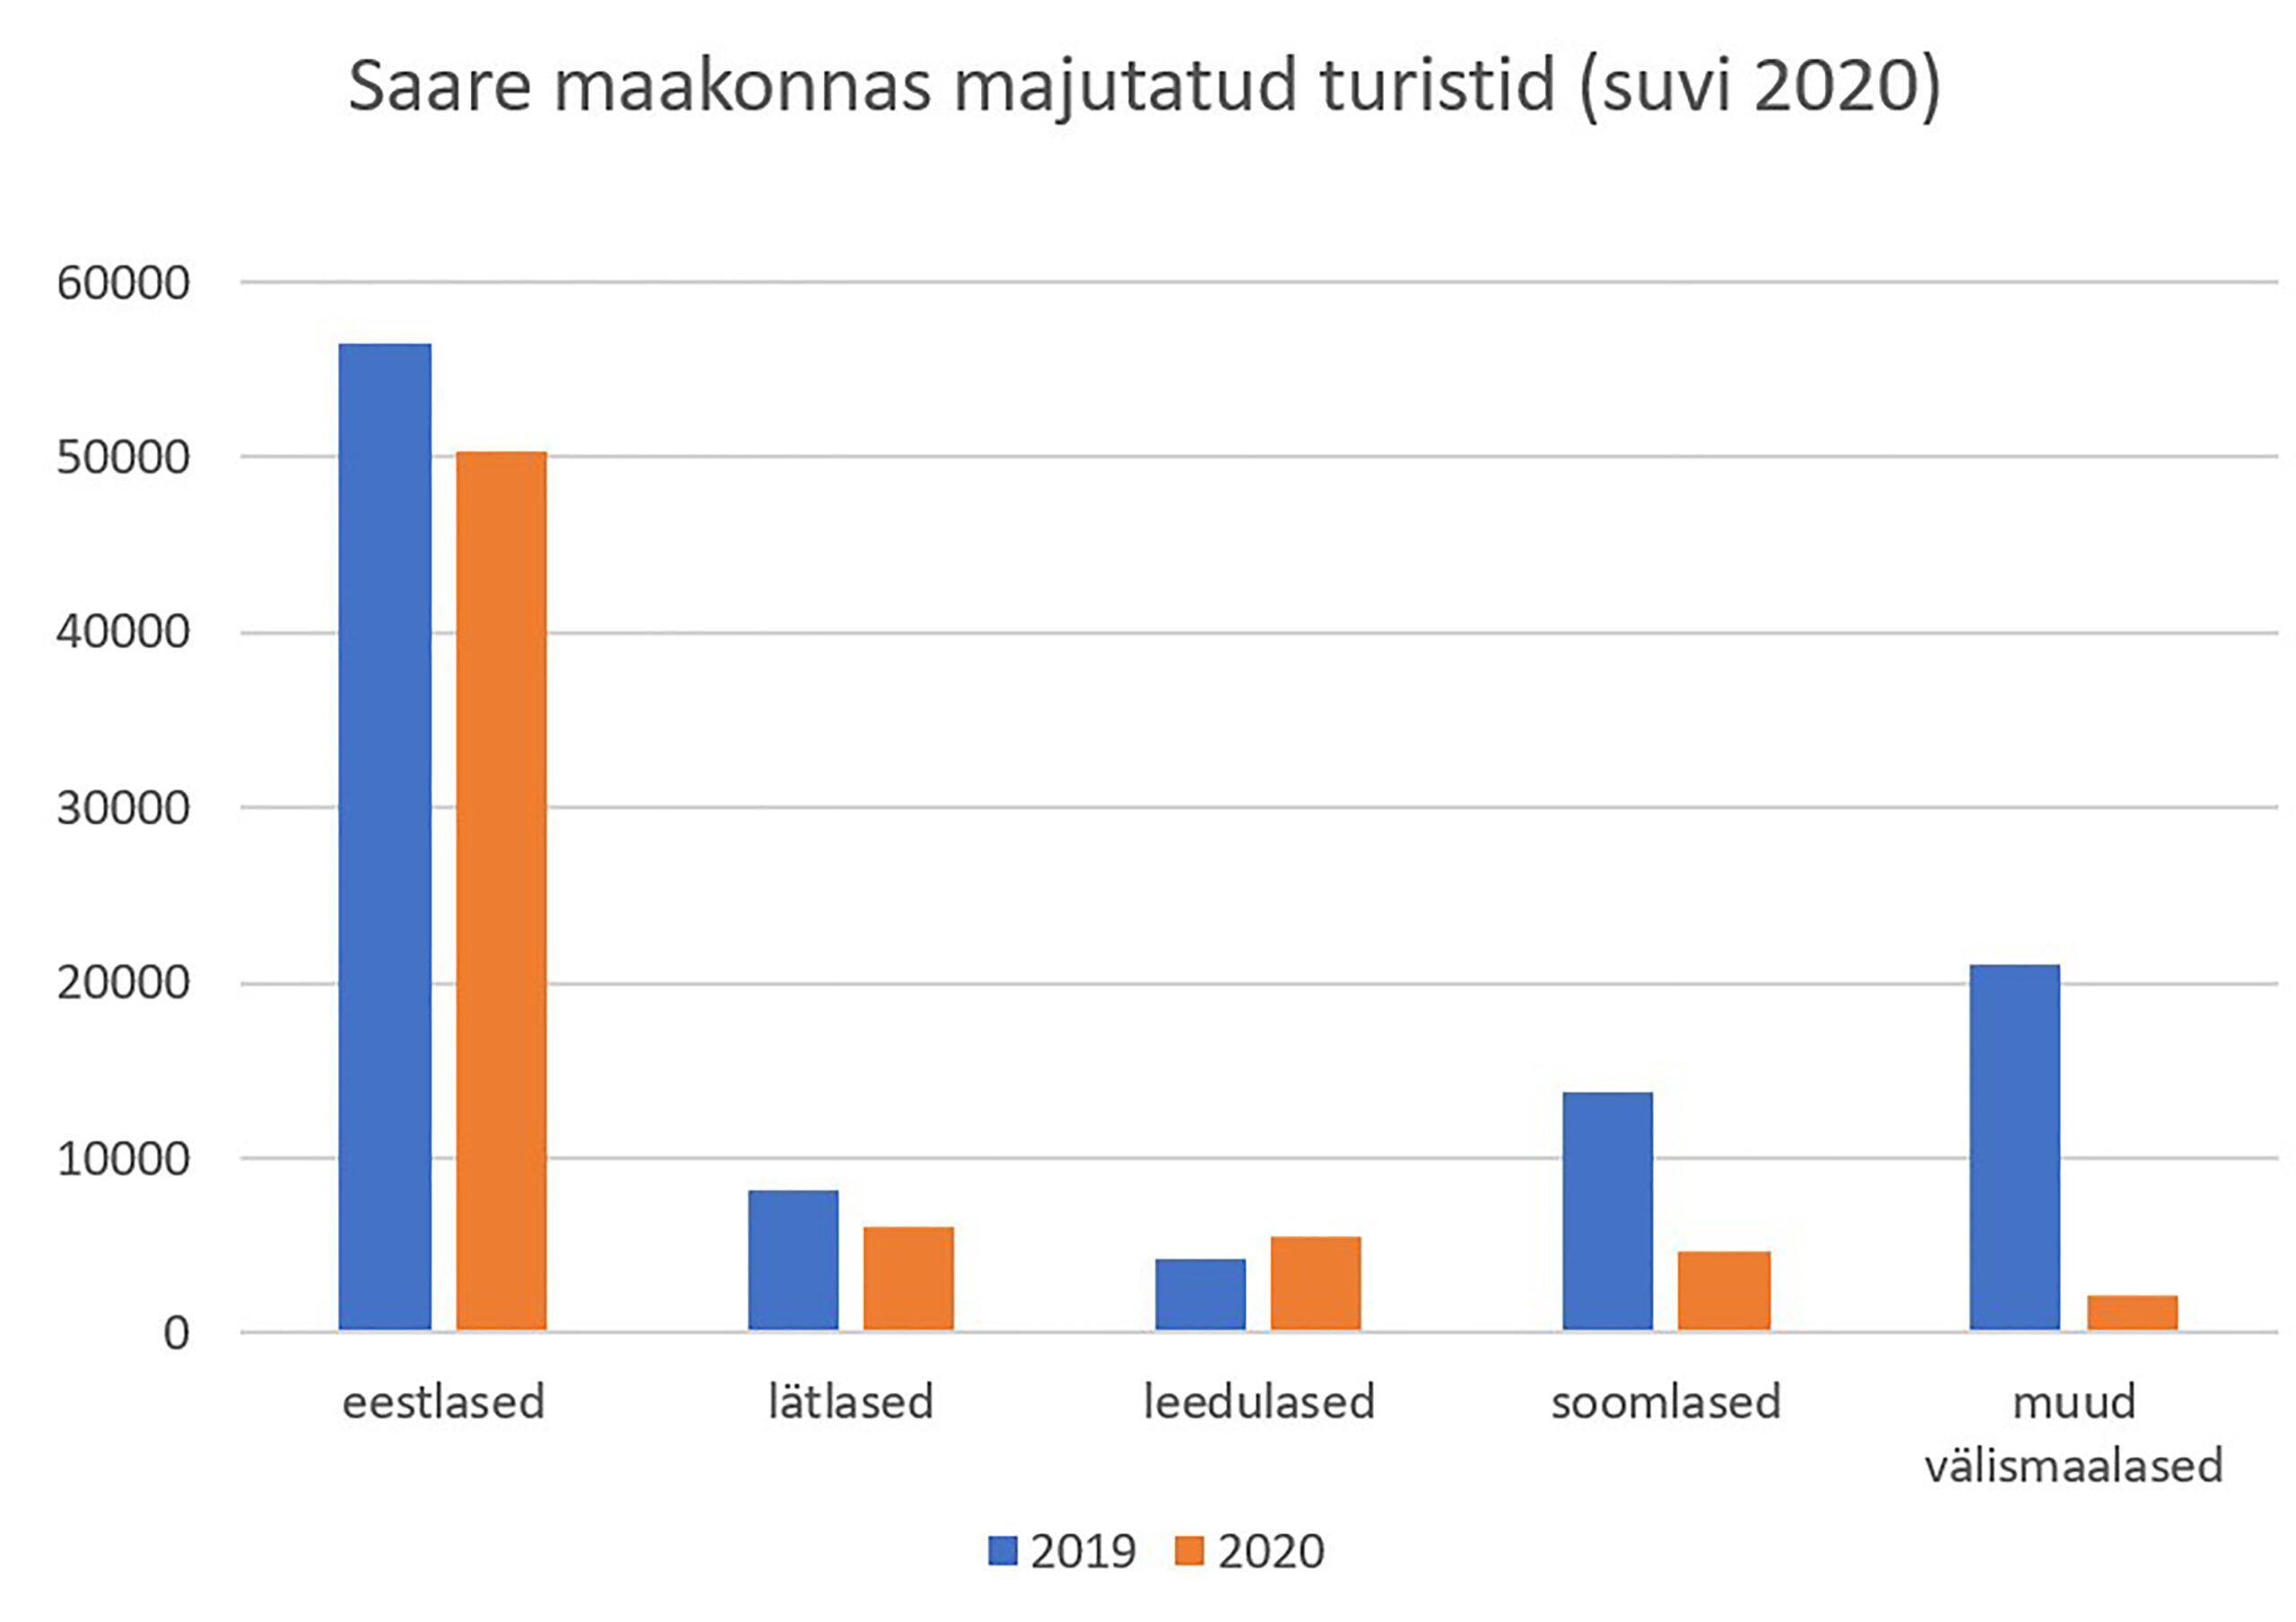 Suvi 2020 majutuse statistika Saare maakonnad